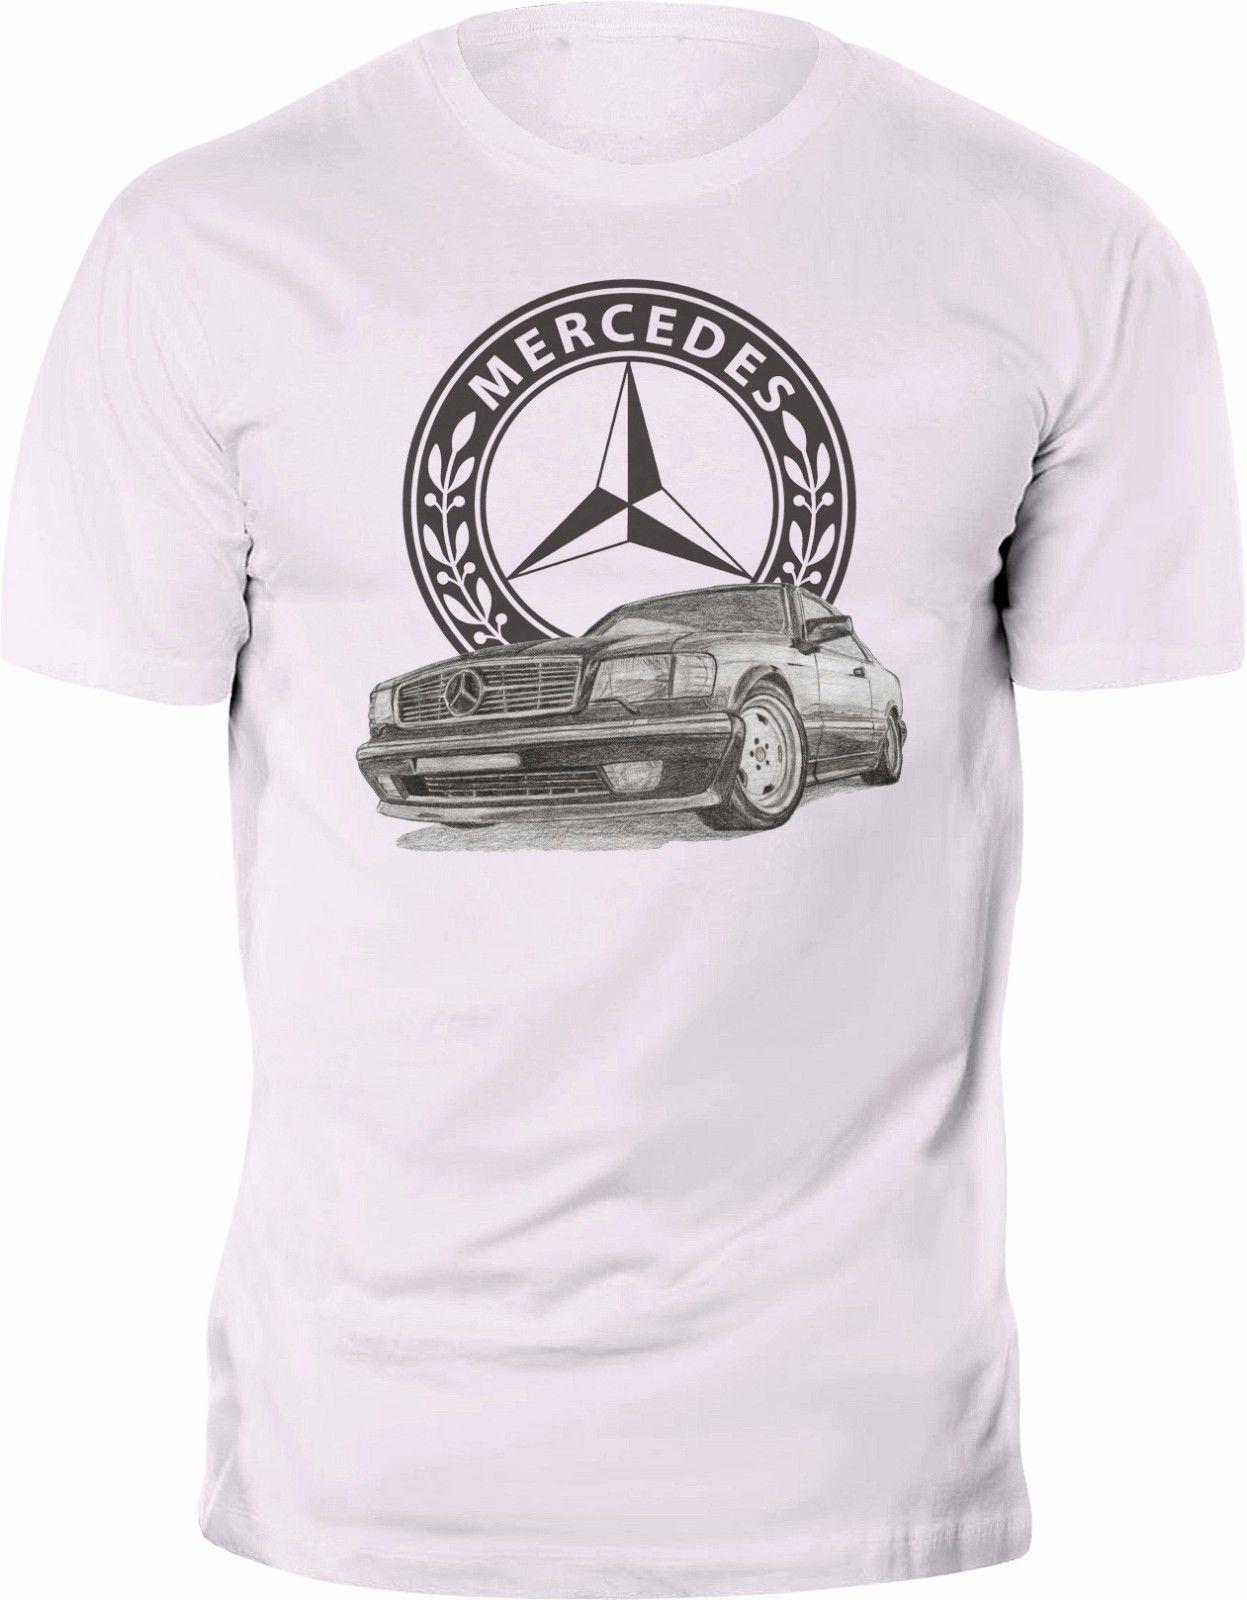 new t shirt mercedes benz sec c126 w126 logo retro amg tee. Black Bedroom Furniture Sets. Home Design Ideas